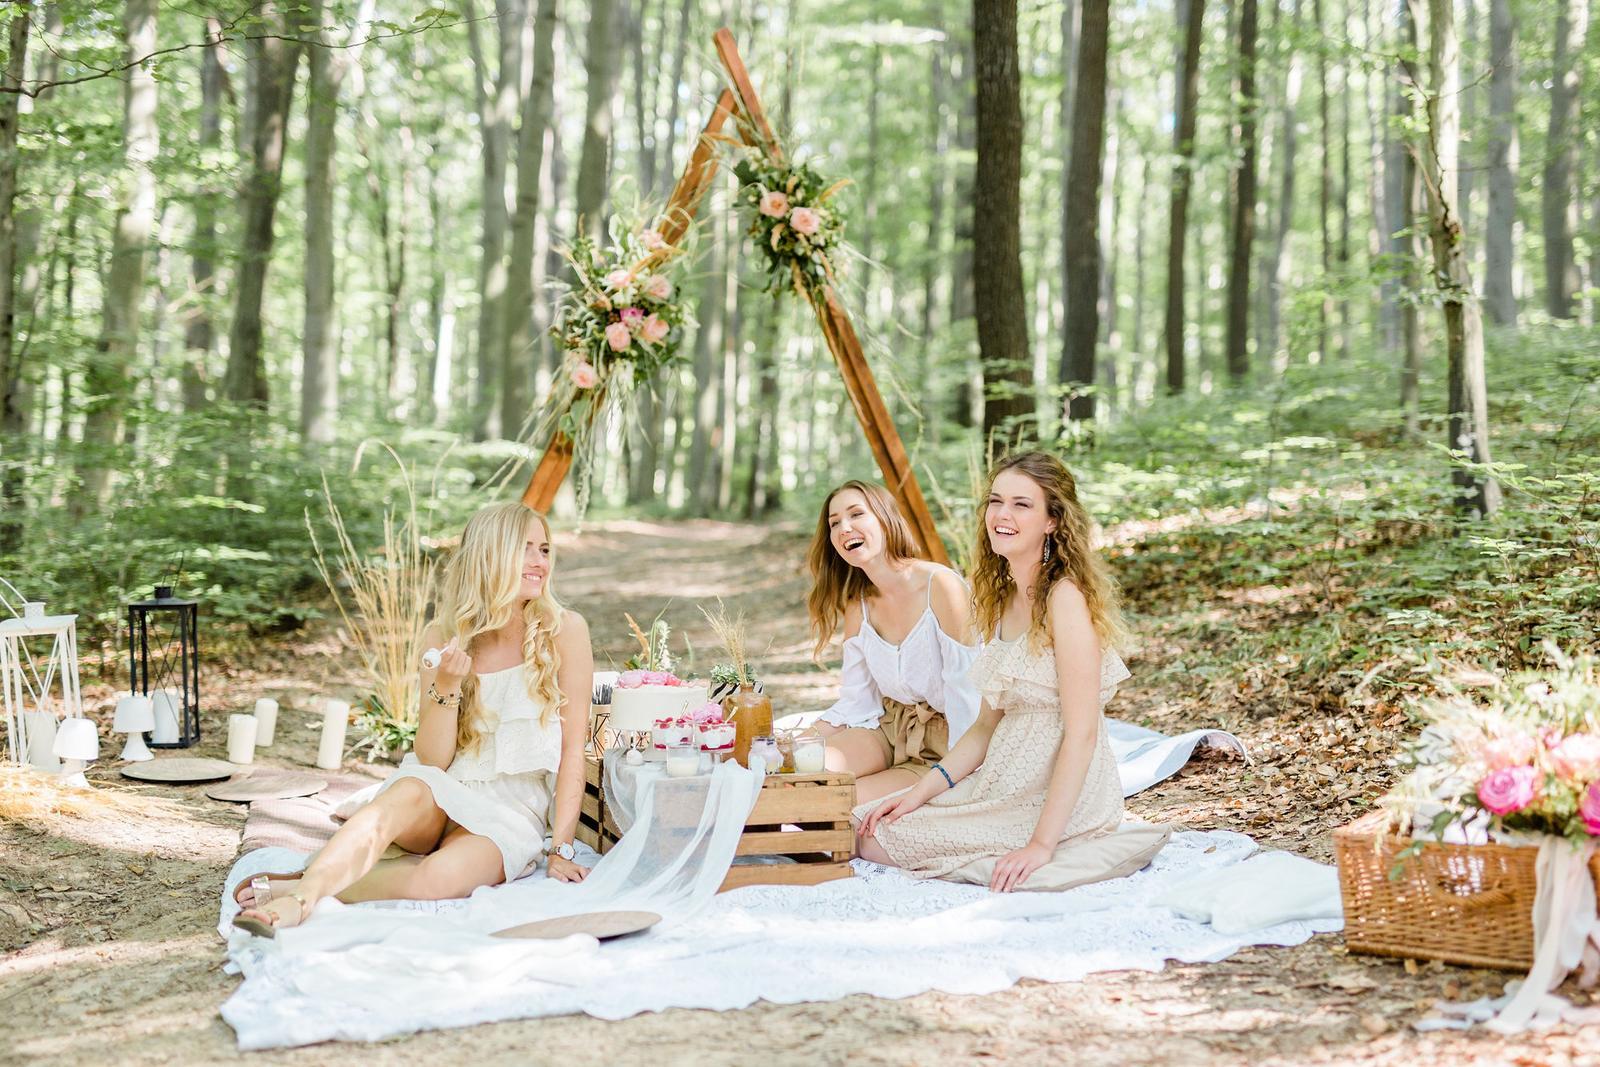 Prekrásne bohémske fotenie v lese, plné skvelých inšpirácií - Obrázok č. 5